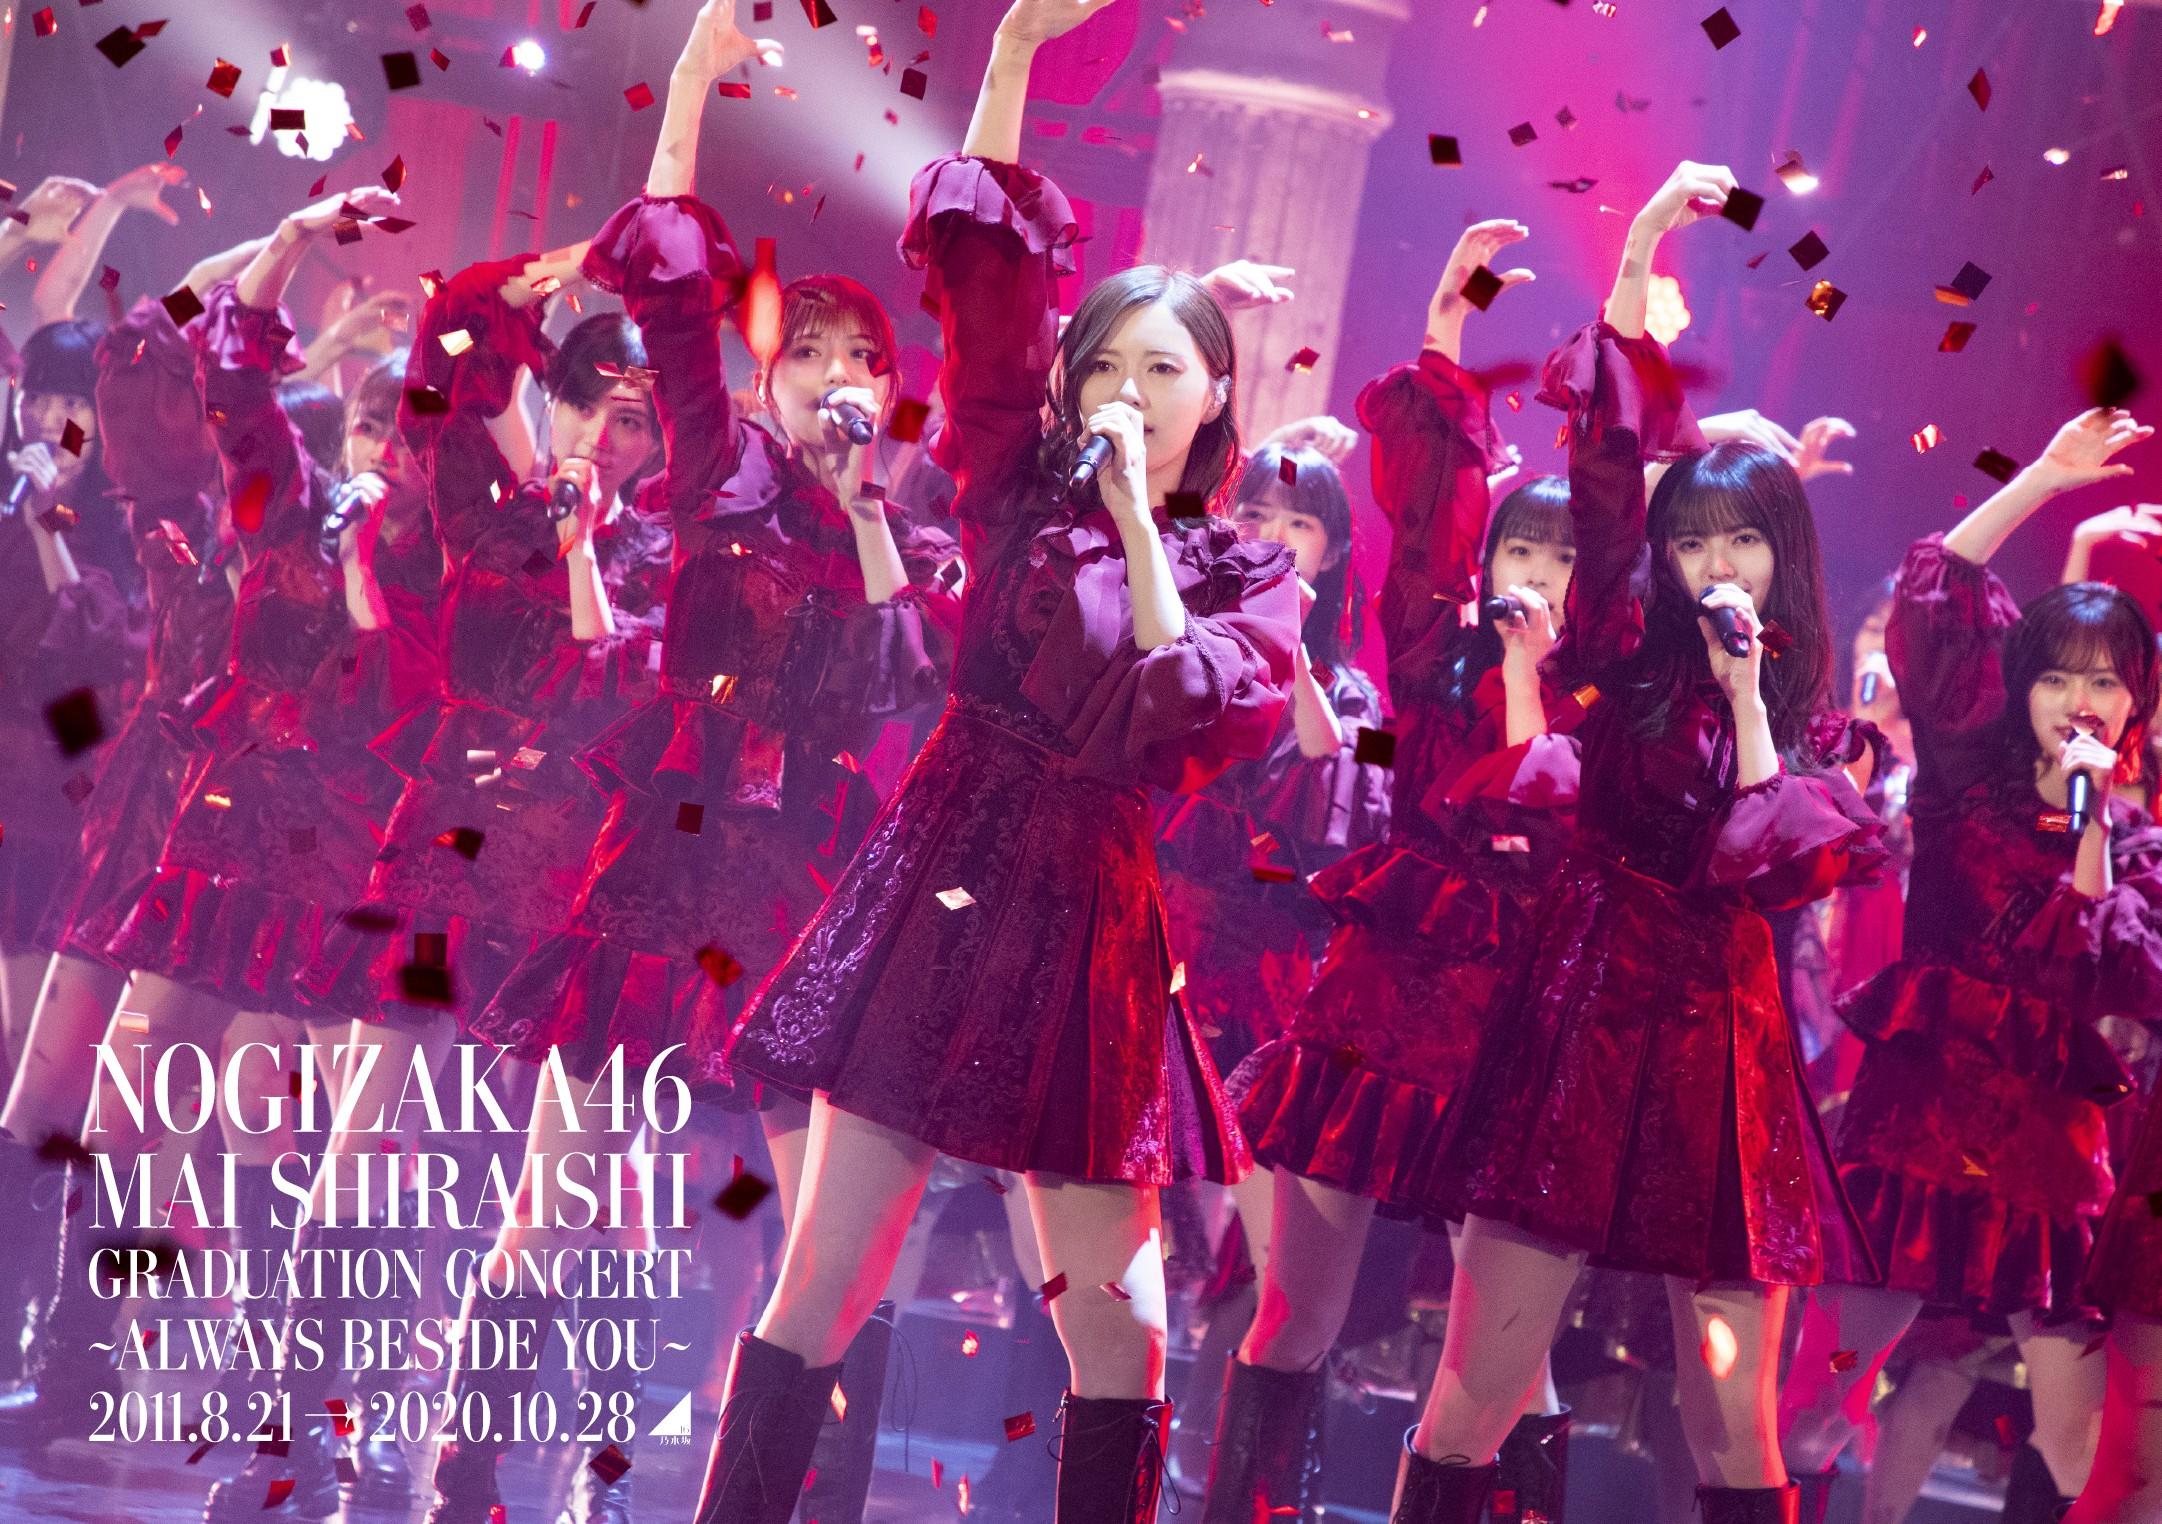 乃木坂46 (Nogizaka46) – Nogizaka46 Mai Shiraishi Graduation Concert ~Always beside you~ [2xBlu-ray ISO] [2021.03.10]